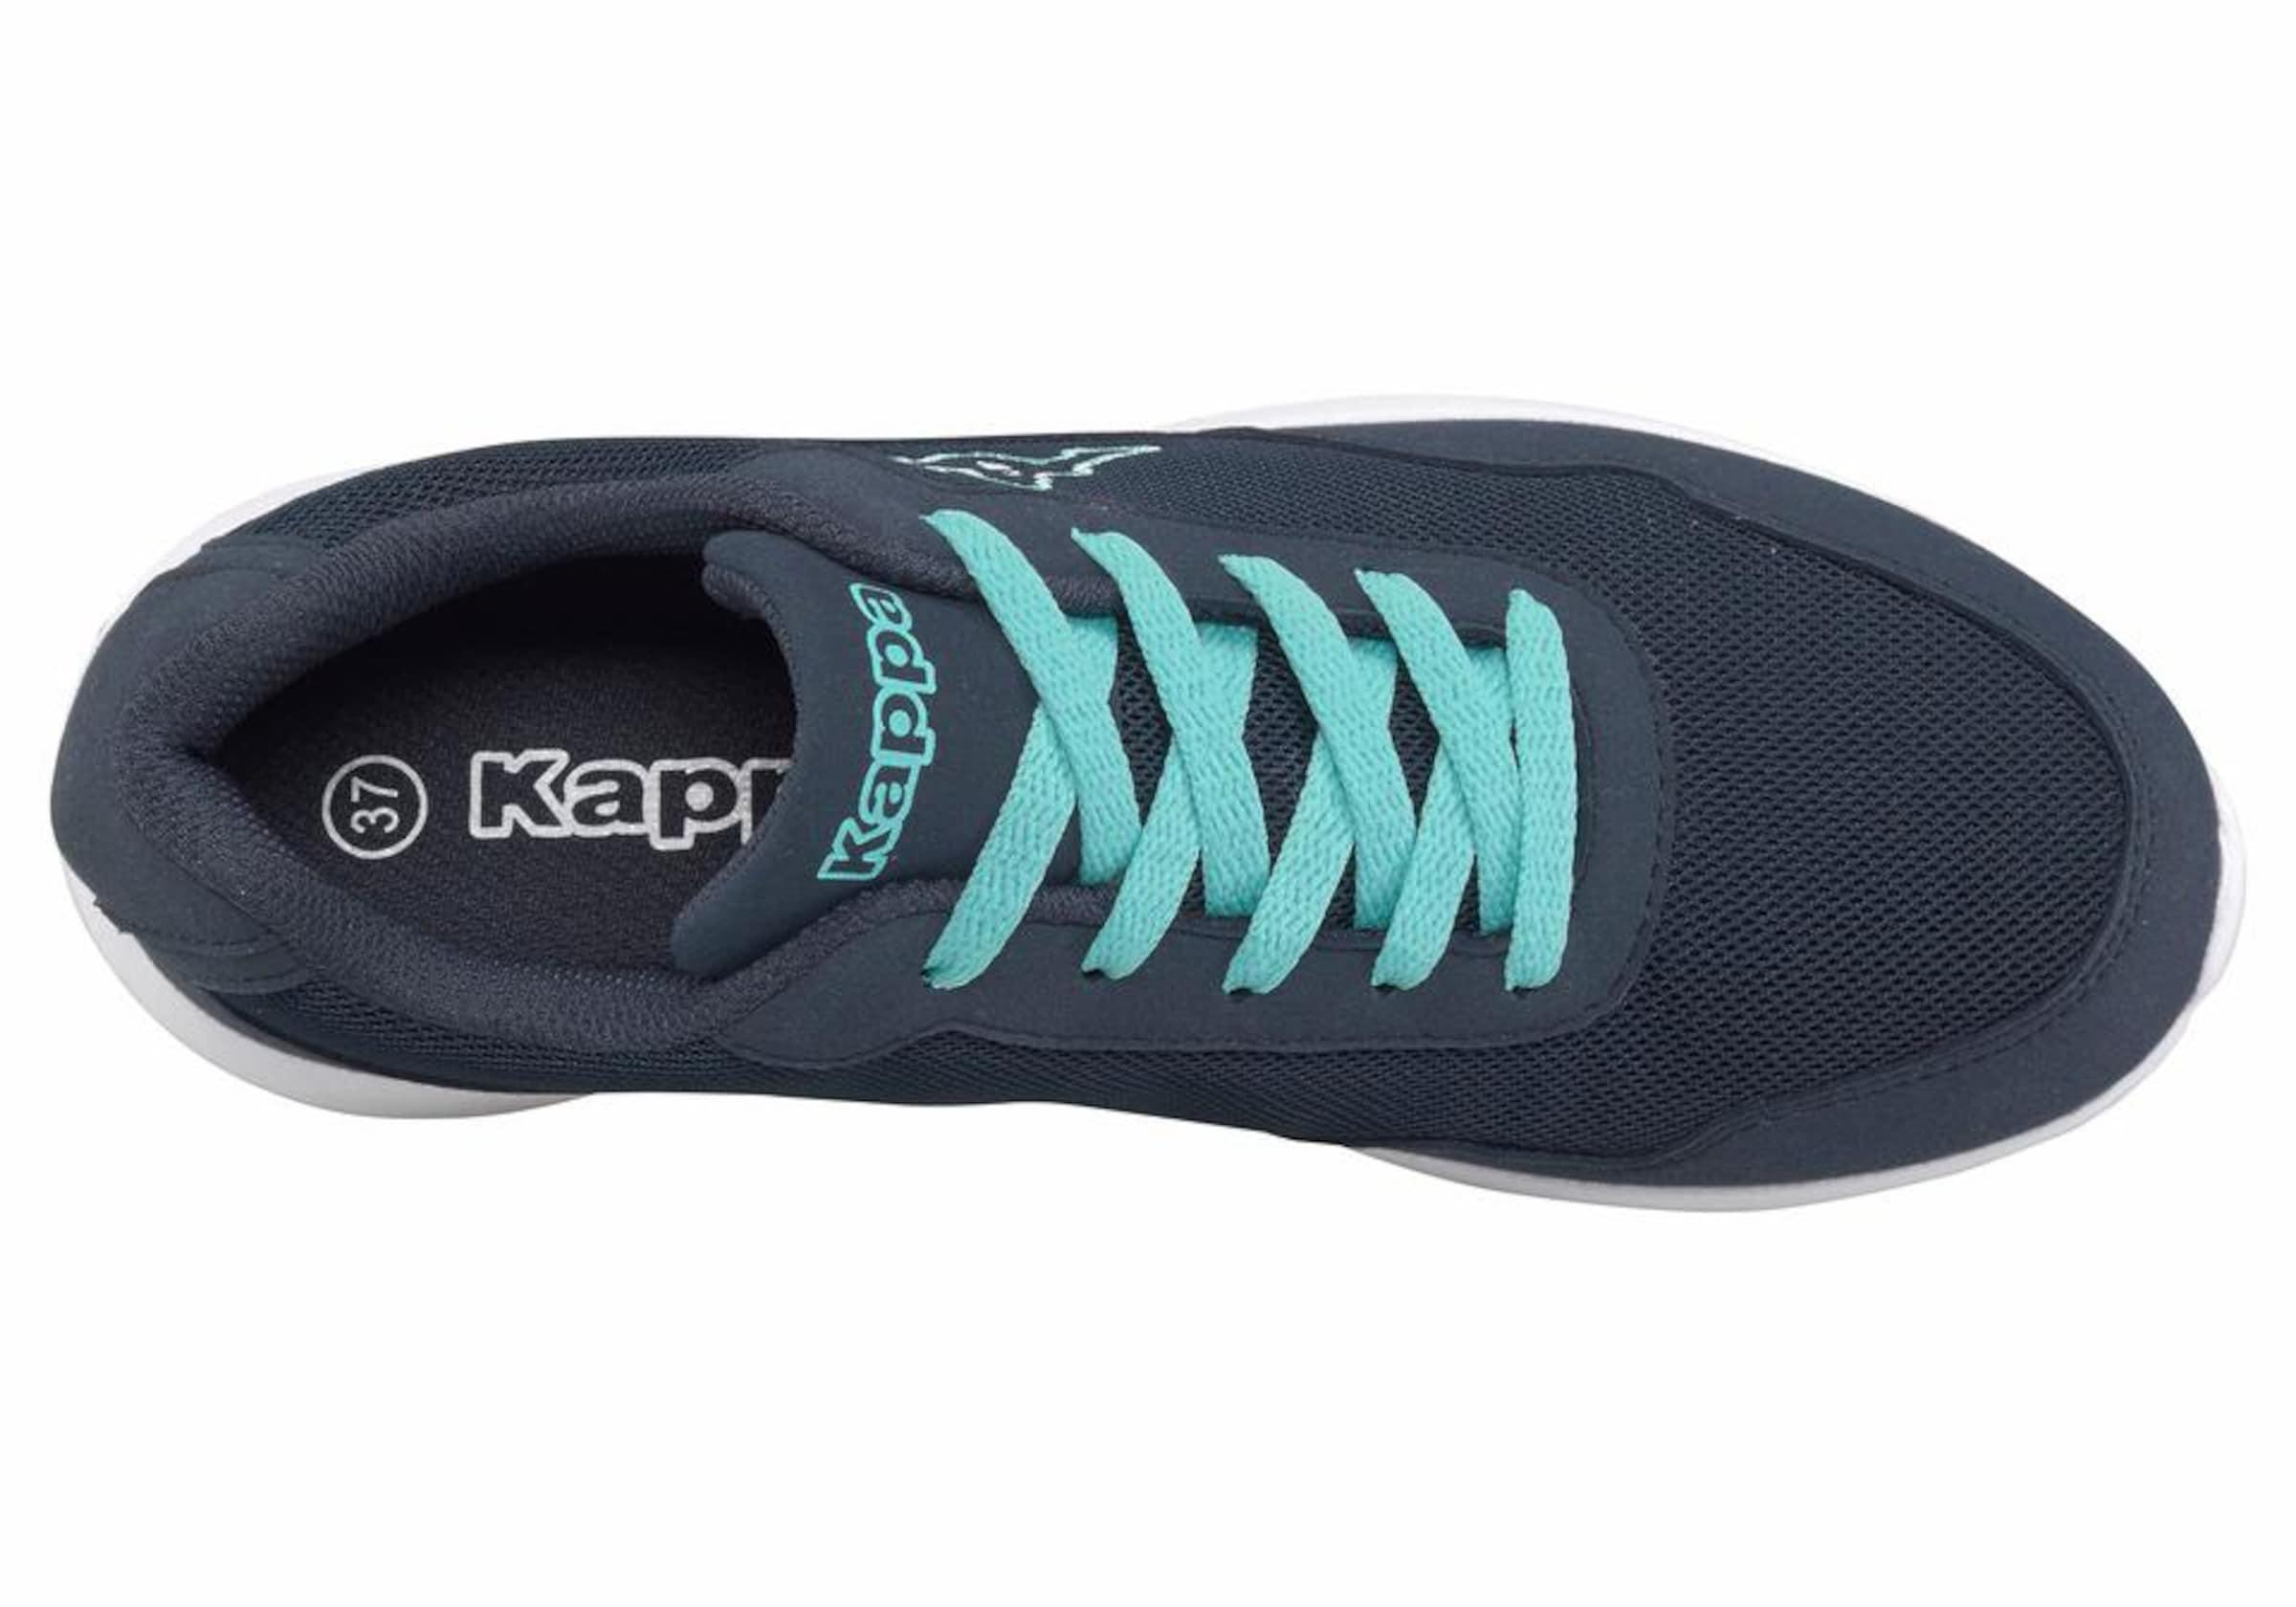 Sneaker Sneaker KAPPA KAPPA KAPPA Sneaker KAPPA Ywq1X1